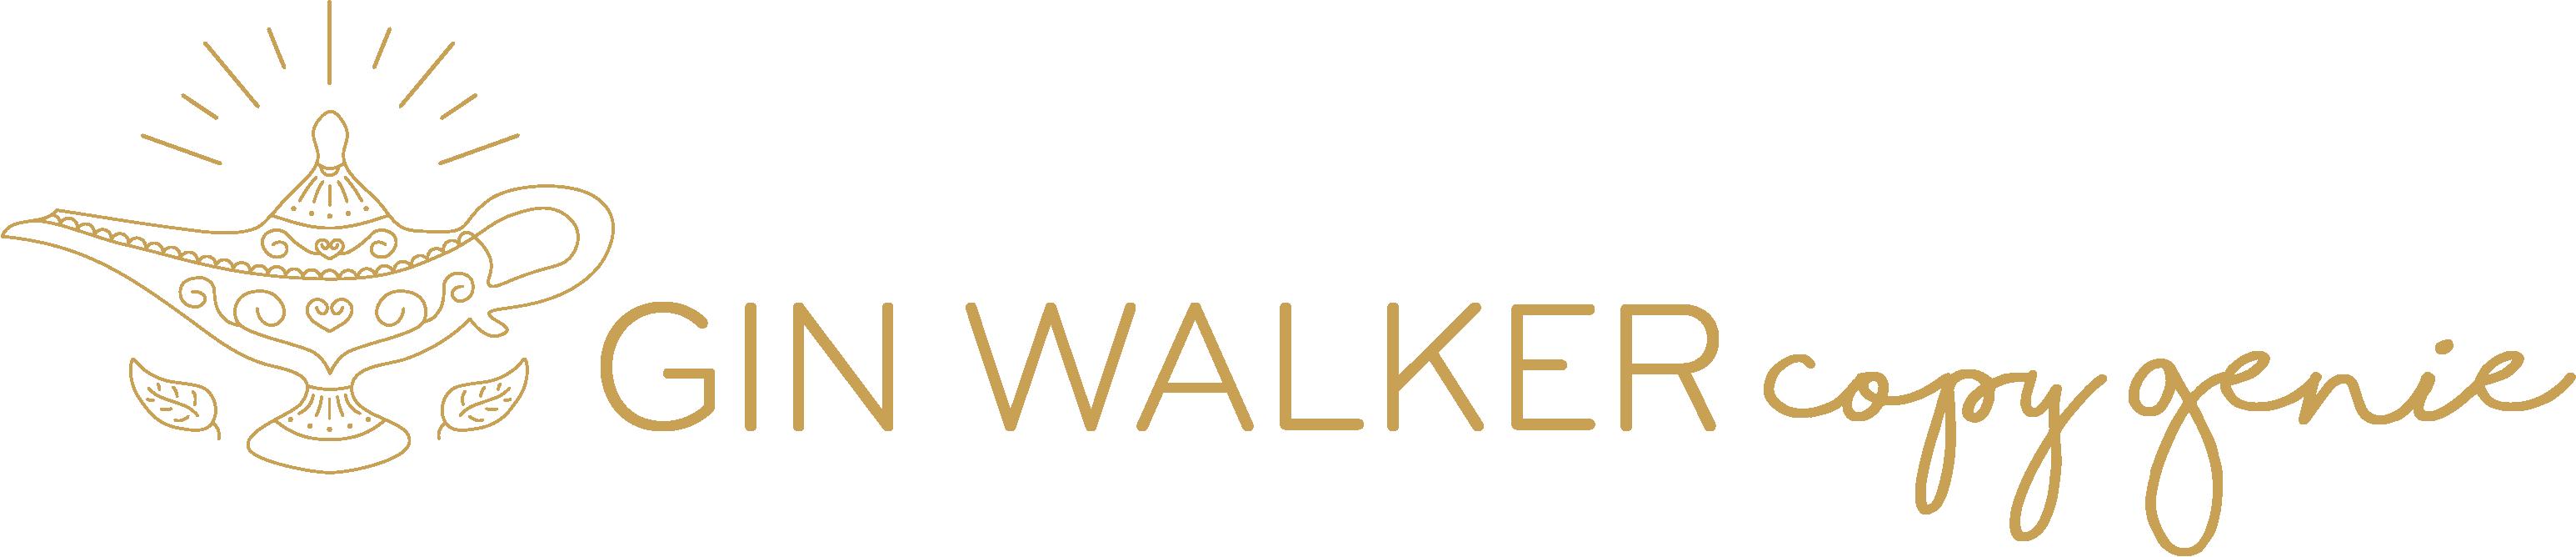 Gin Walker